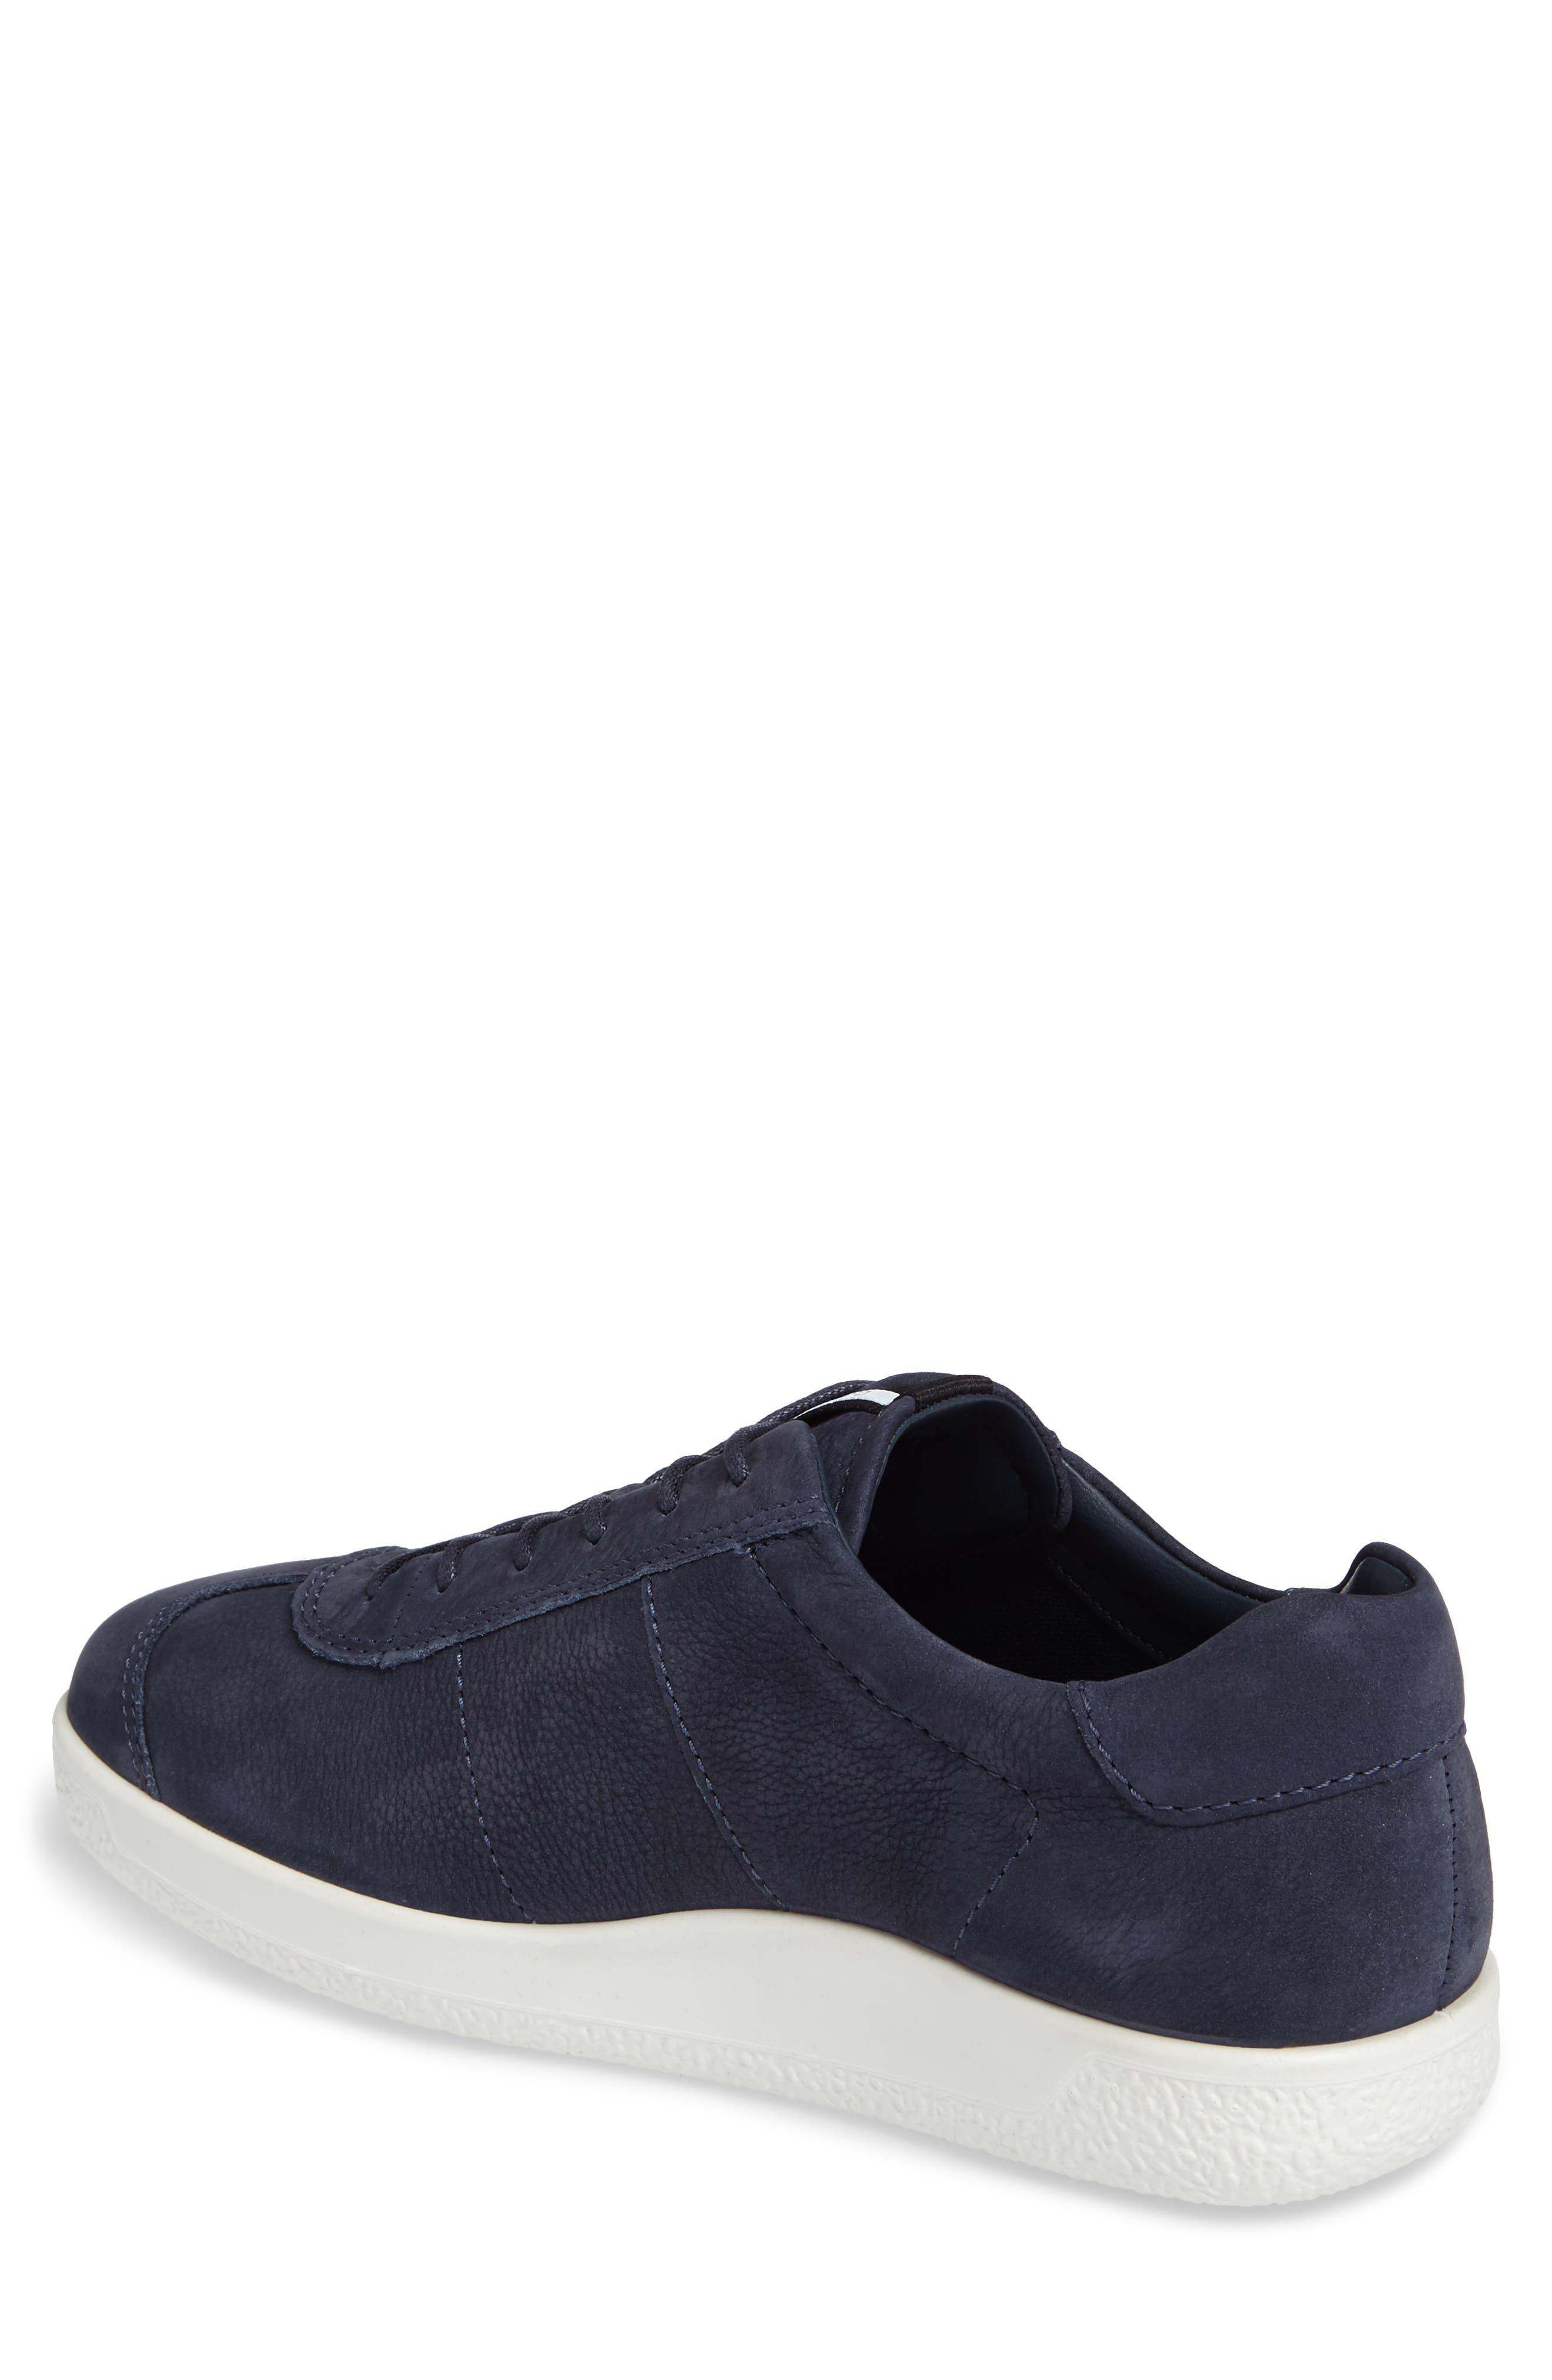 Soft 1 Sneaker,                             Alternate thumbnail 10, color,